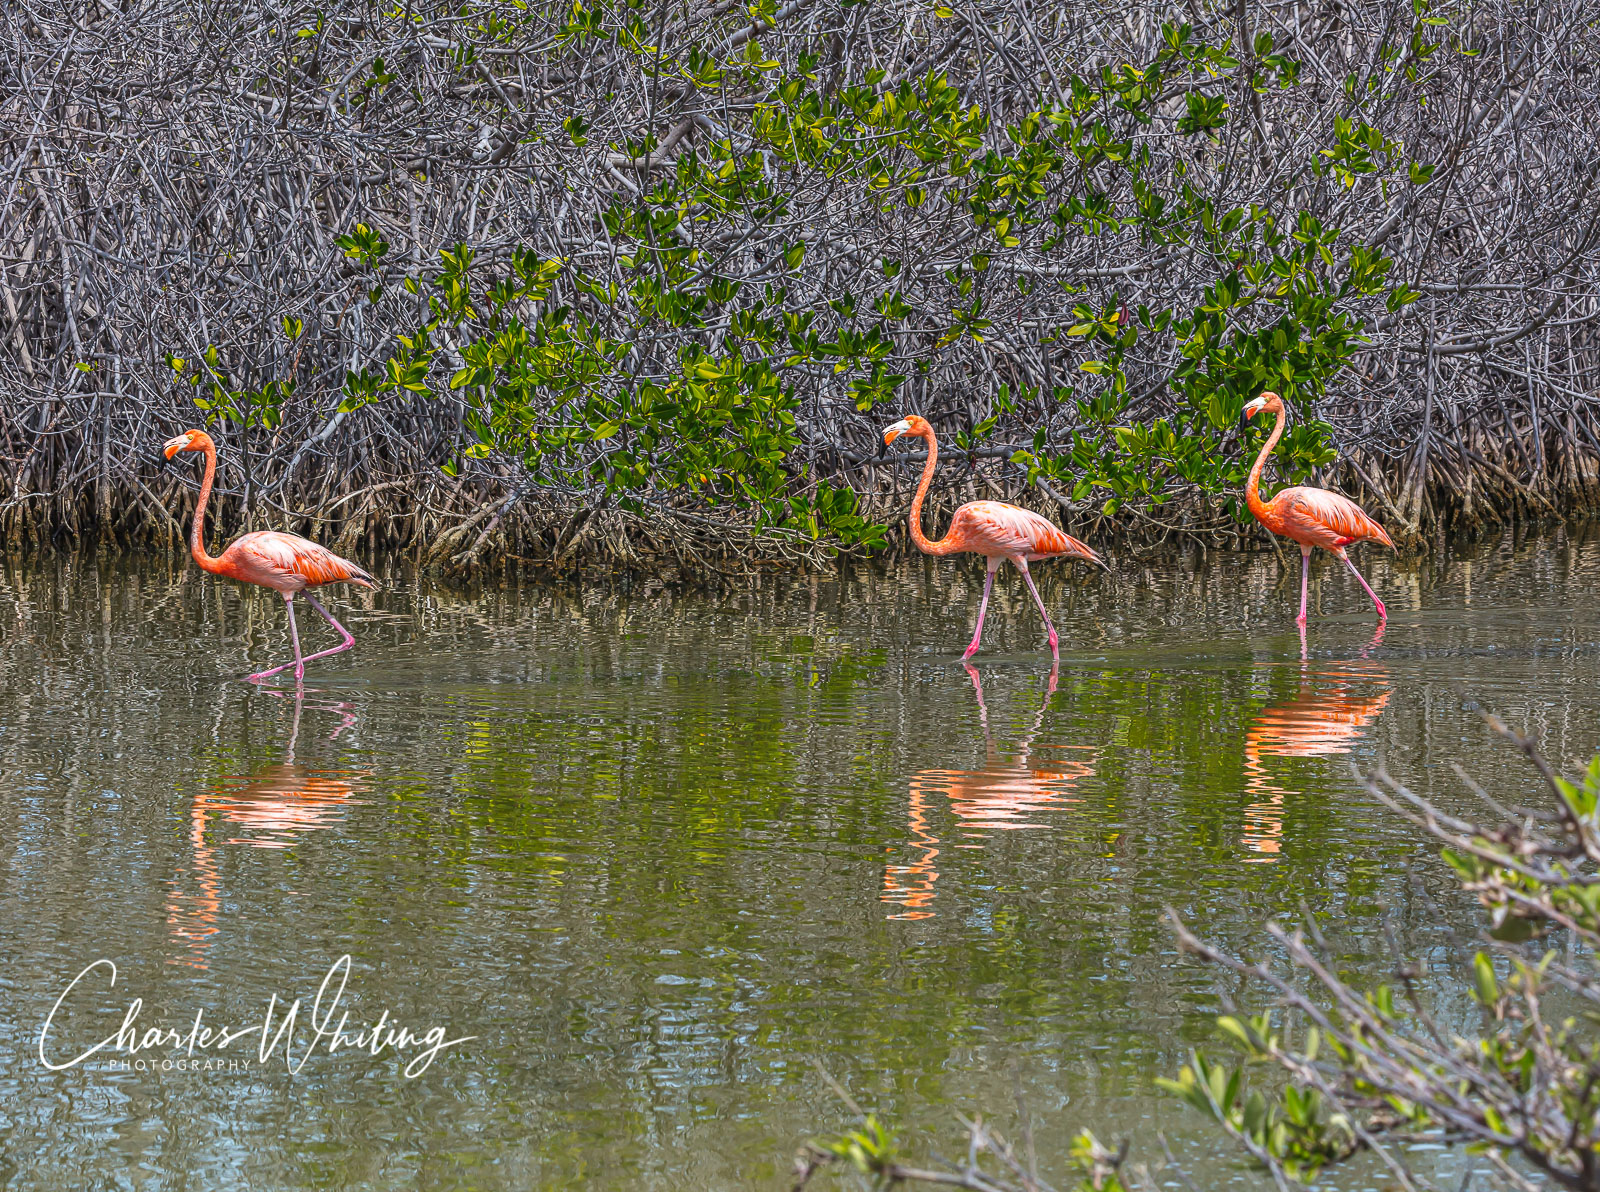 Flamingos, Bonaire, Netherlands Antilles, photo